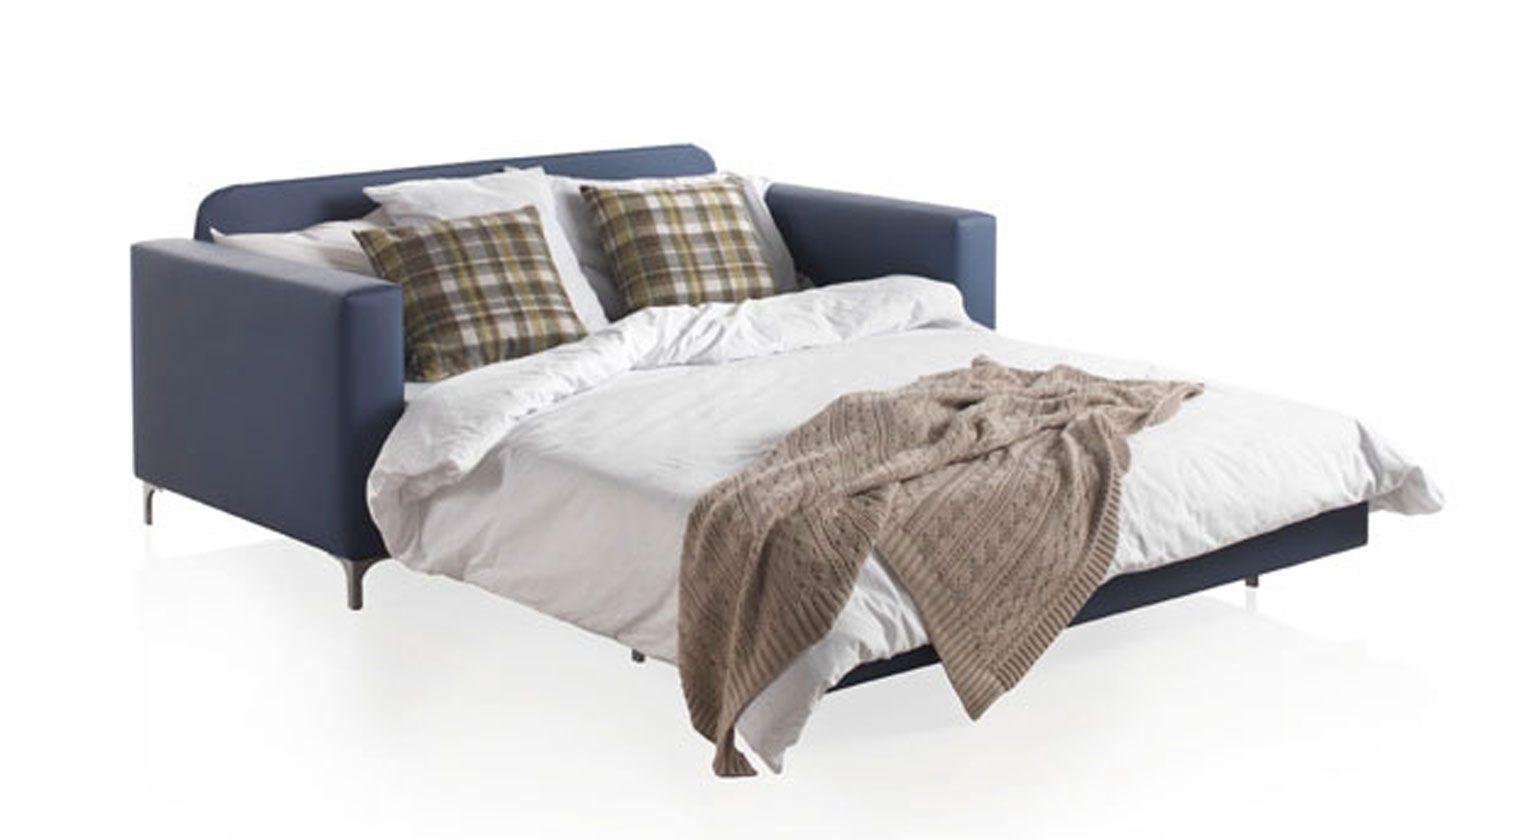 Sof cama brest sofas cama extensible nido for Sofa cama nido 1 plaza